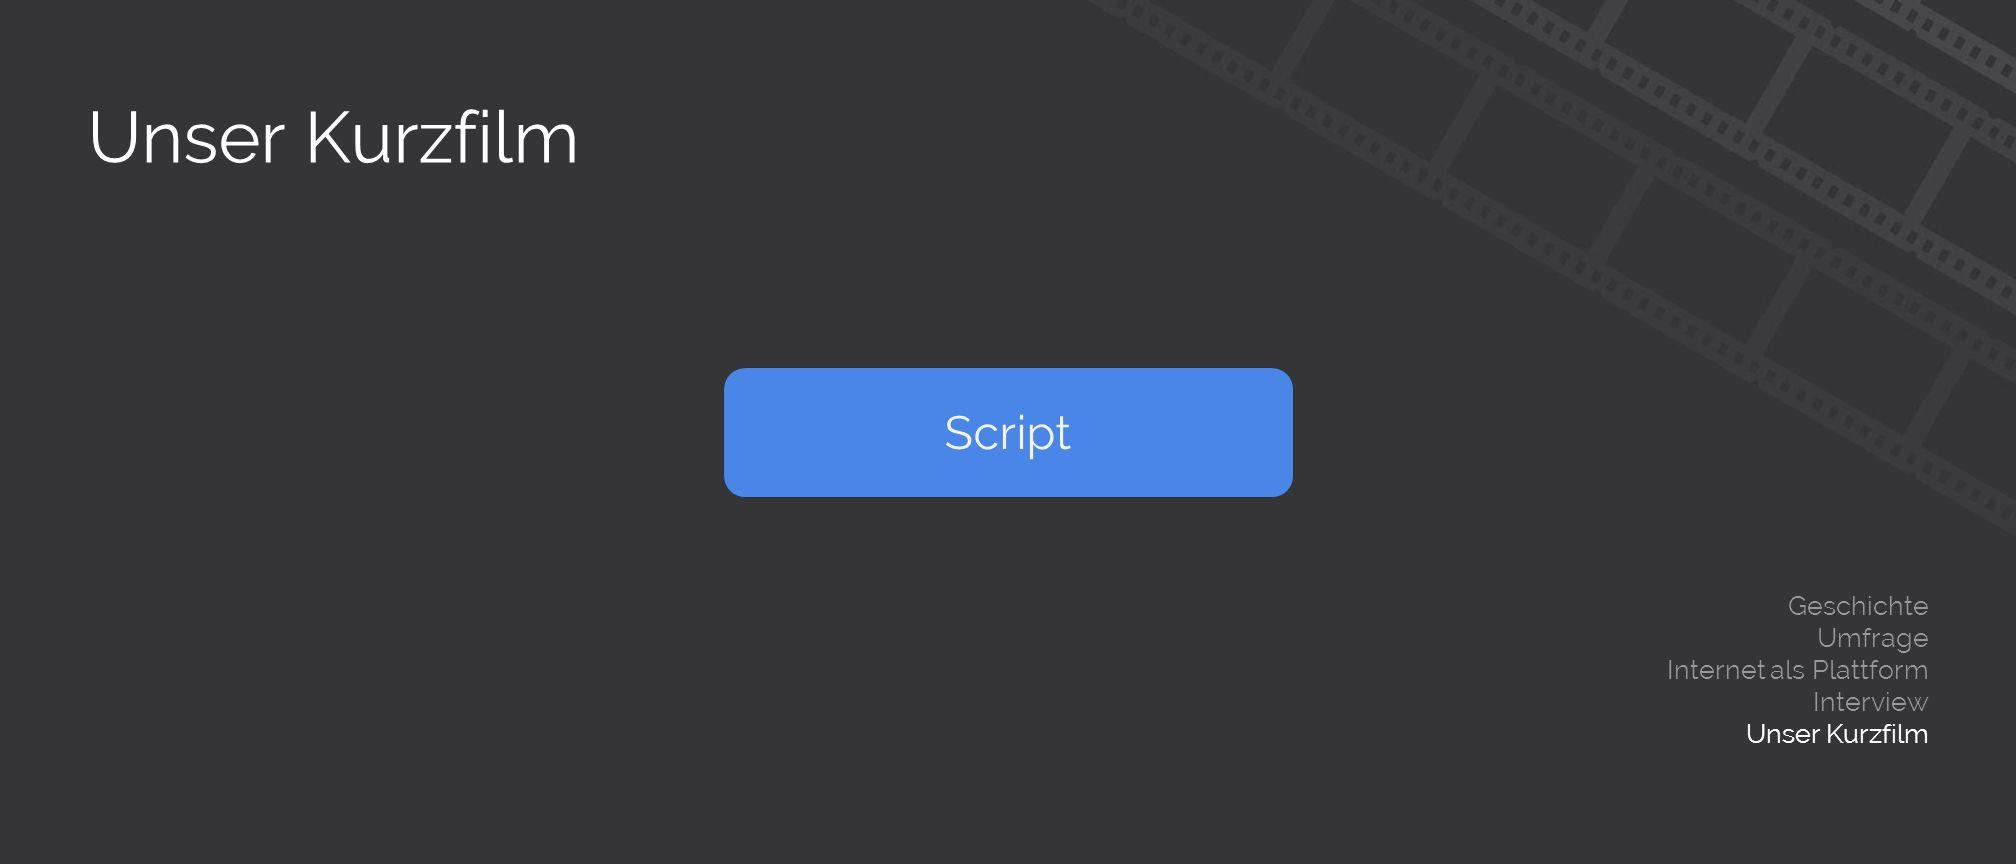 Unser Kurzfilm Geschichte Umfrage Internet als Plattform Interview Unser Kurzfilm Script